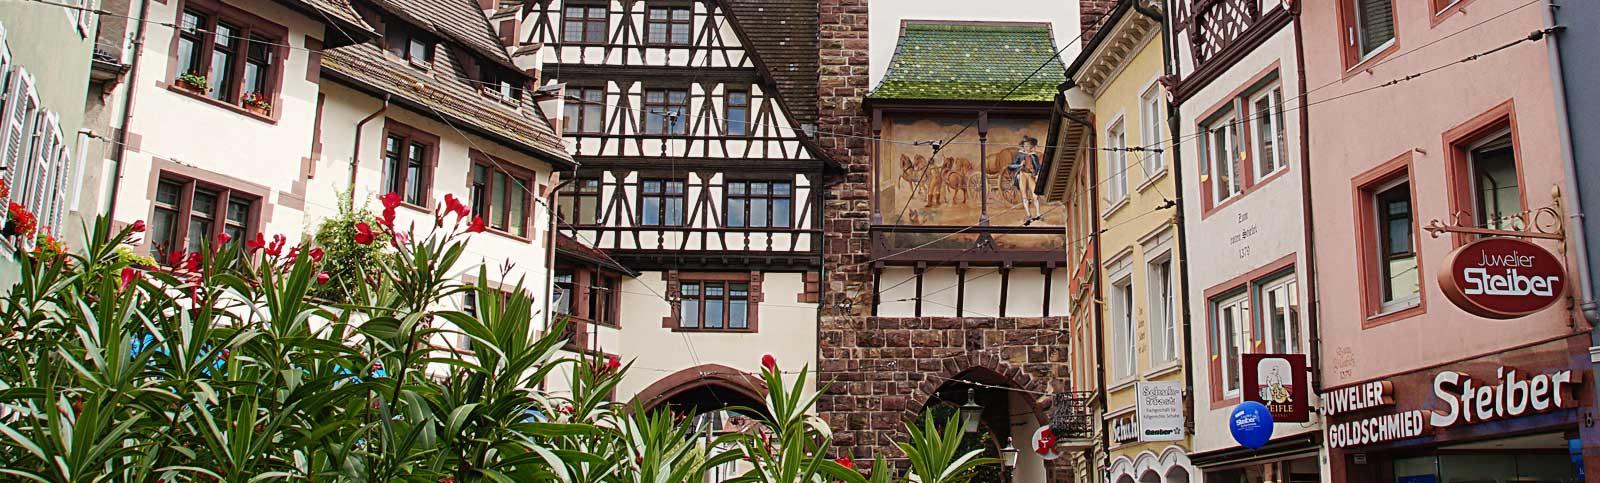 Die Altstadt von Freiburg – eine Städtereise